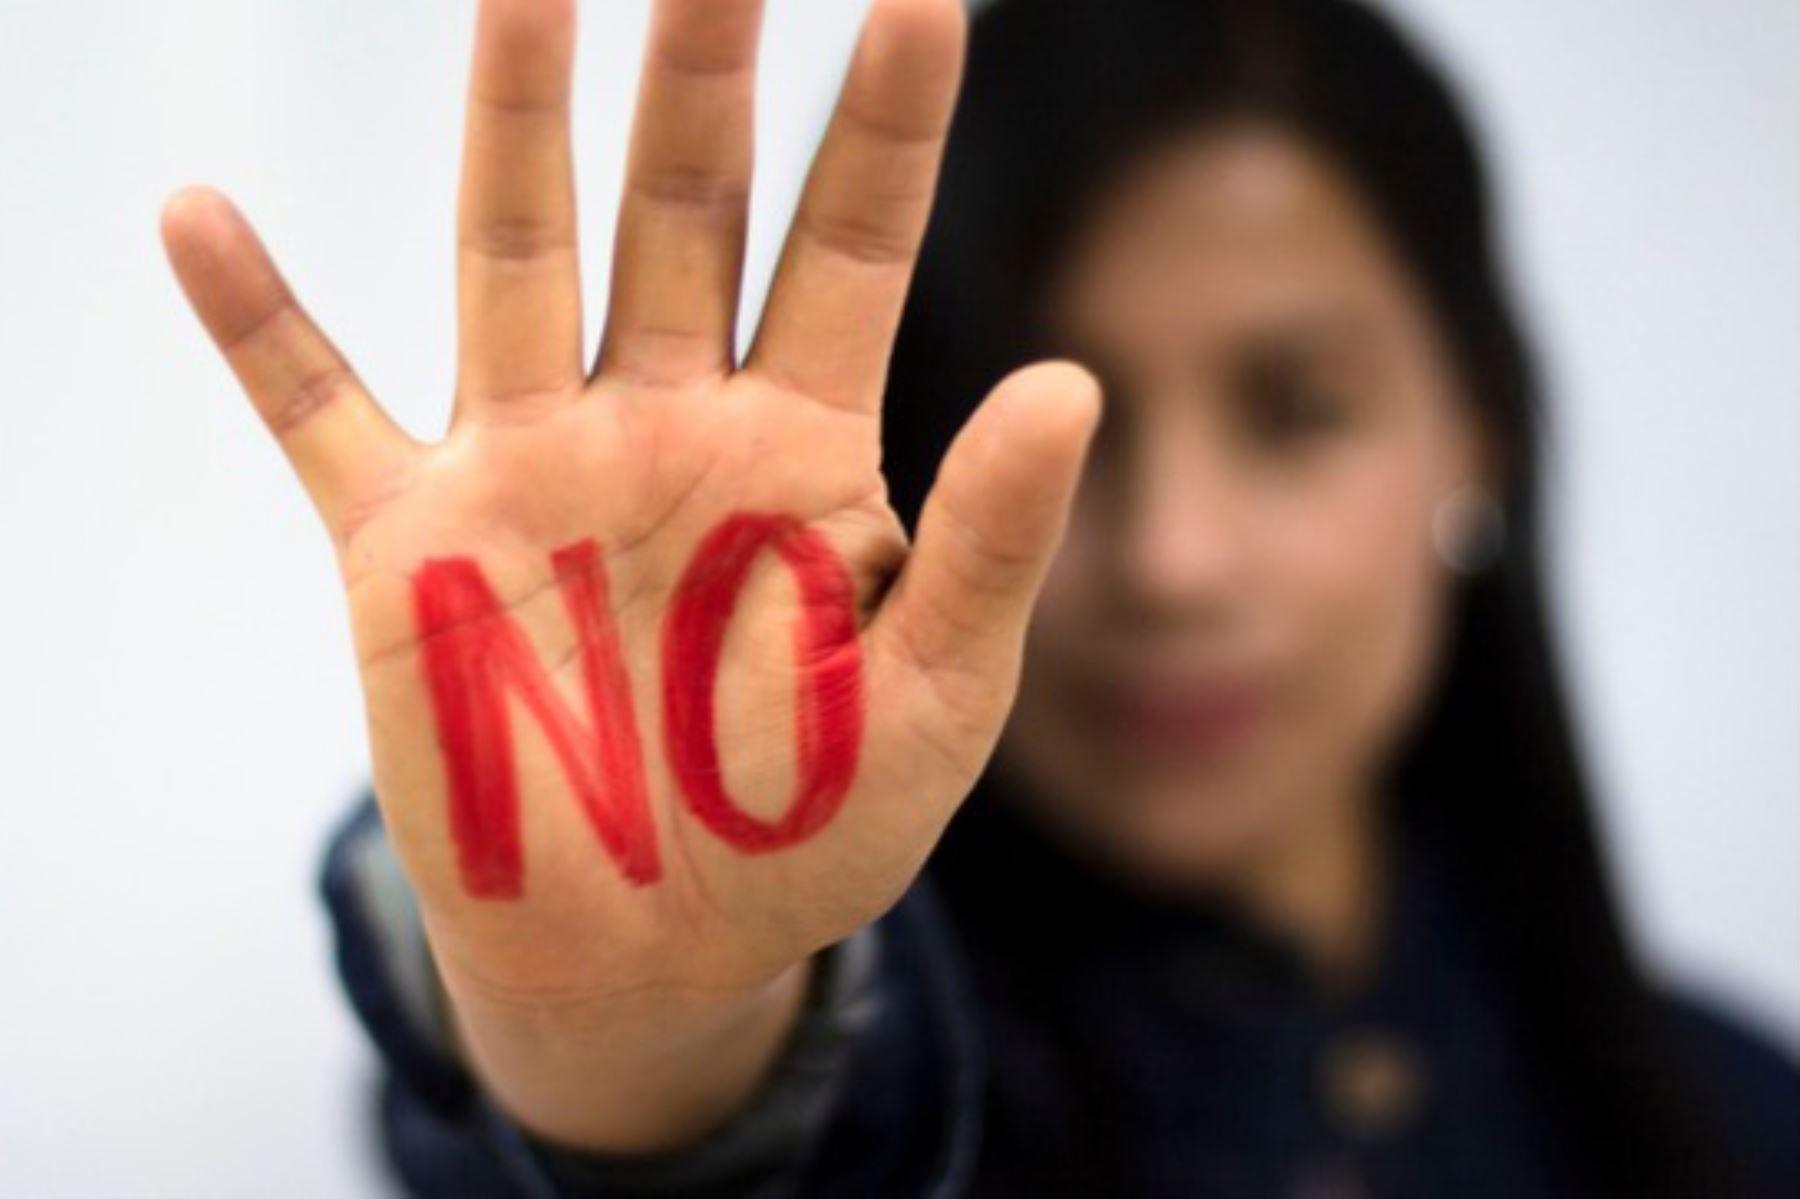 Las cifras de violencia son preocupantes. Decenas de mujeres han sido víctimas de feminicidios y miles han pedido ayuda por encontrarse en una situación de violencia. Foto: Gore Ayacucho